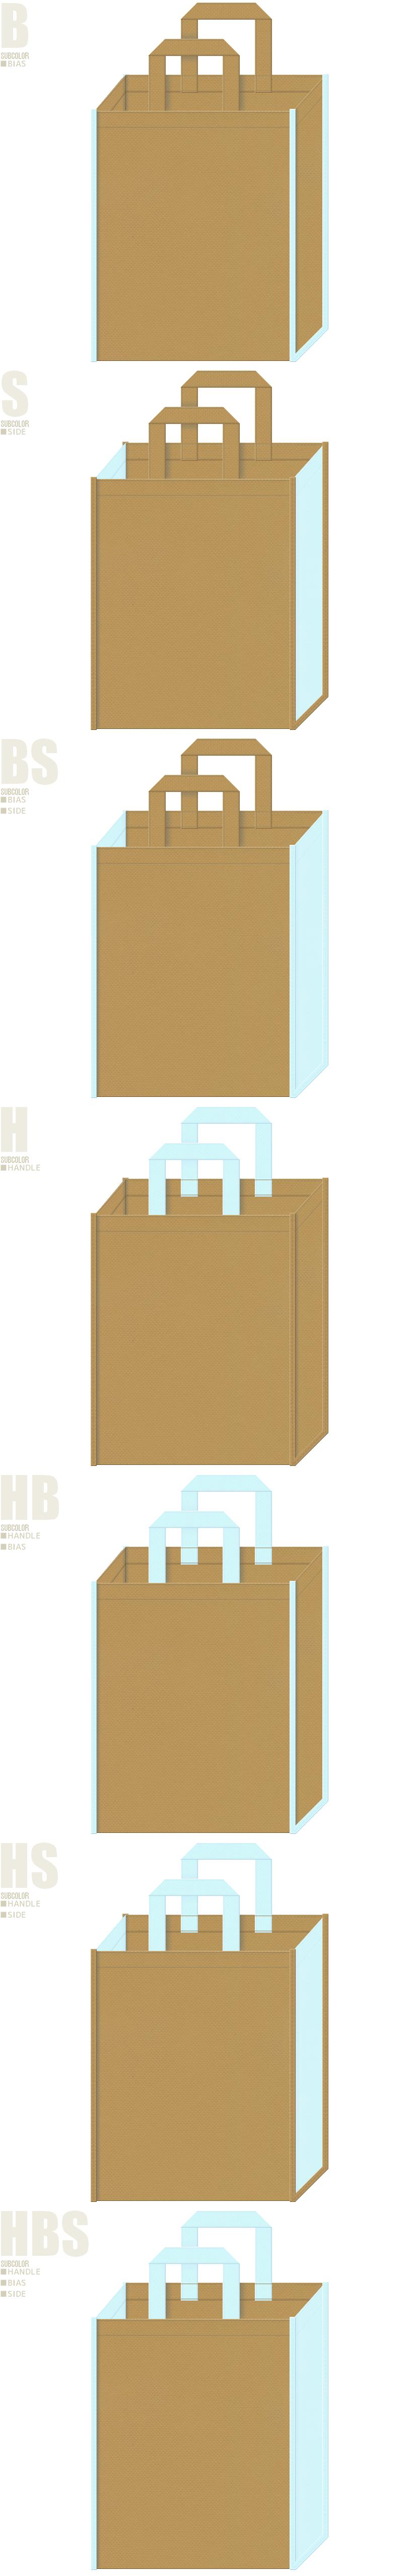 不織布バッグのデザイン:マスタード色と水色の配色7パターン